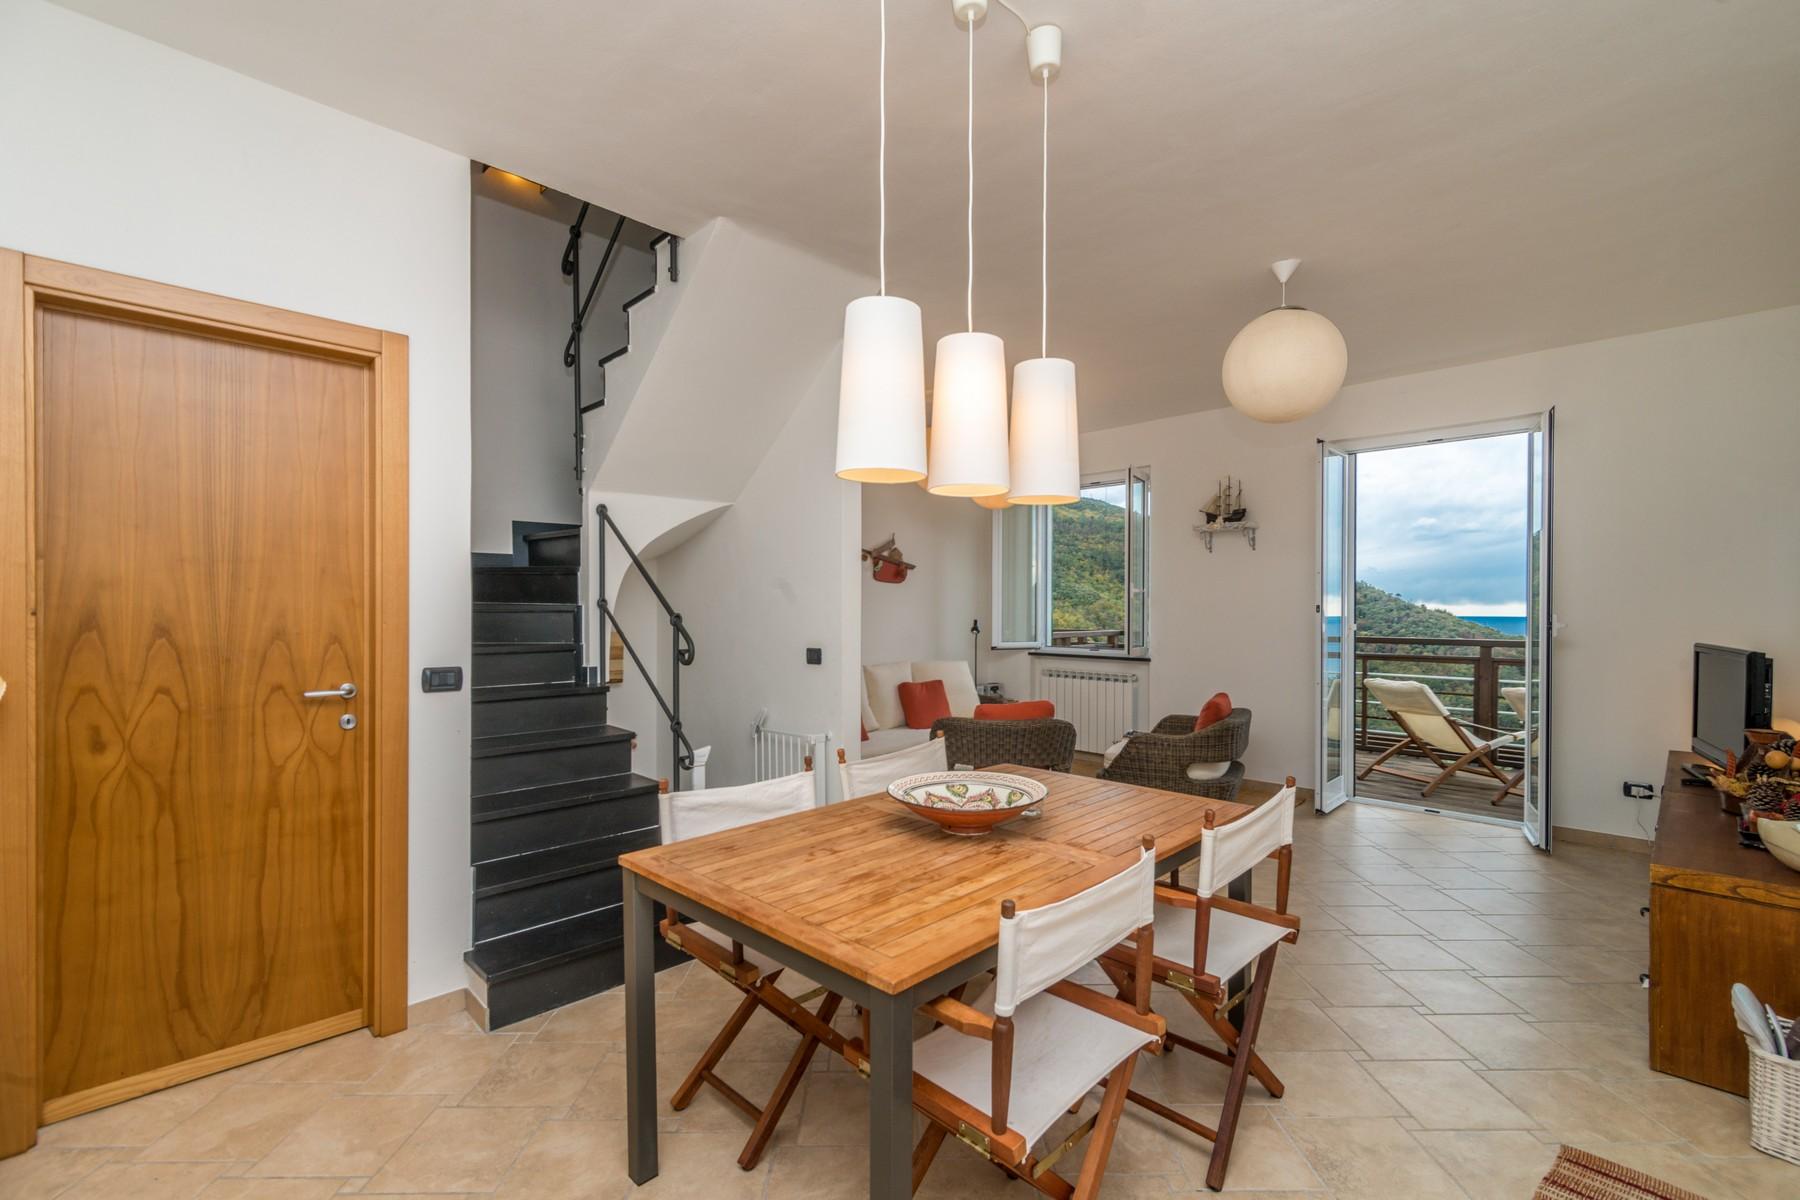 Casa indipendente in Vendita a Moneglia: 5 locali, 140 mq - Foto 9